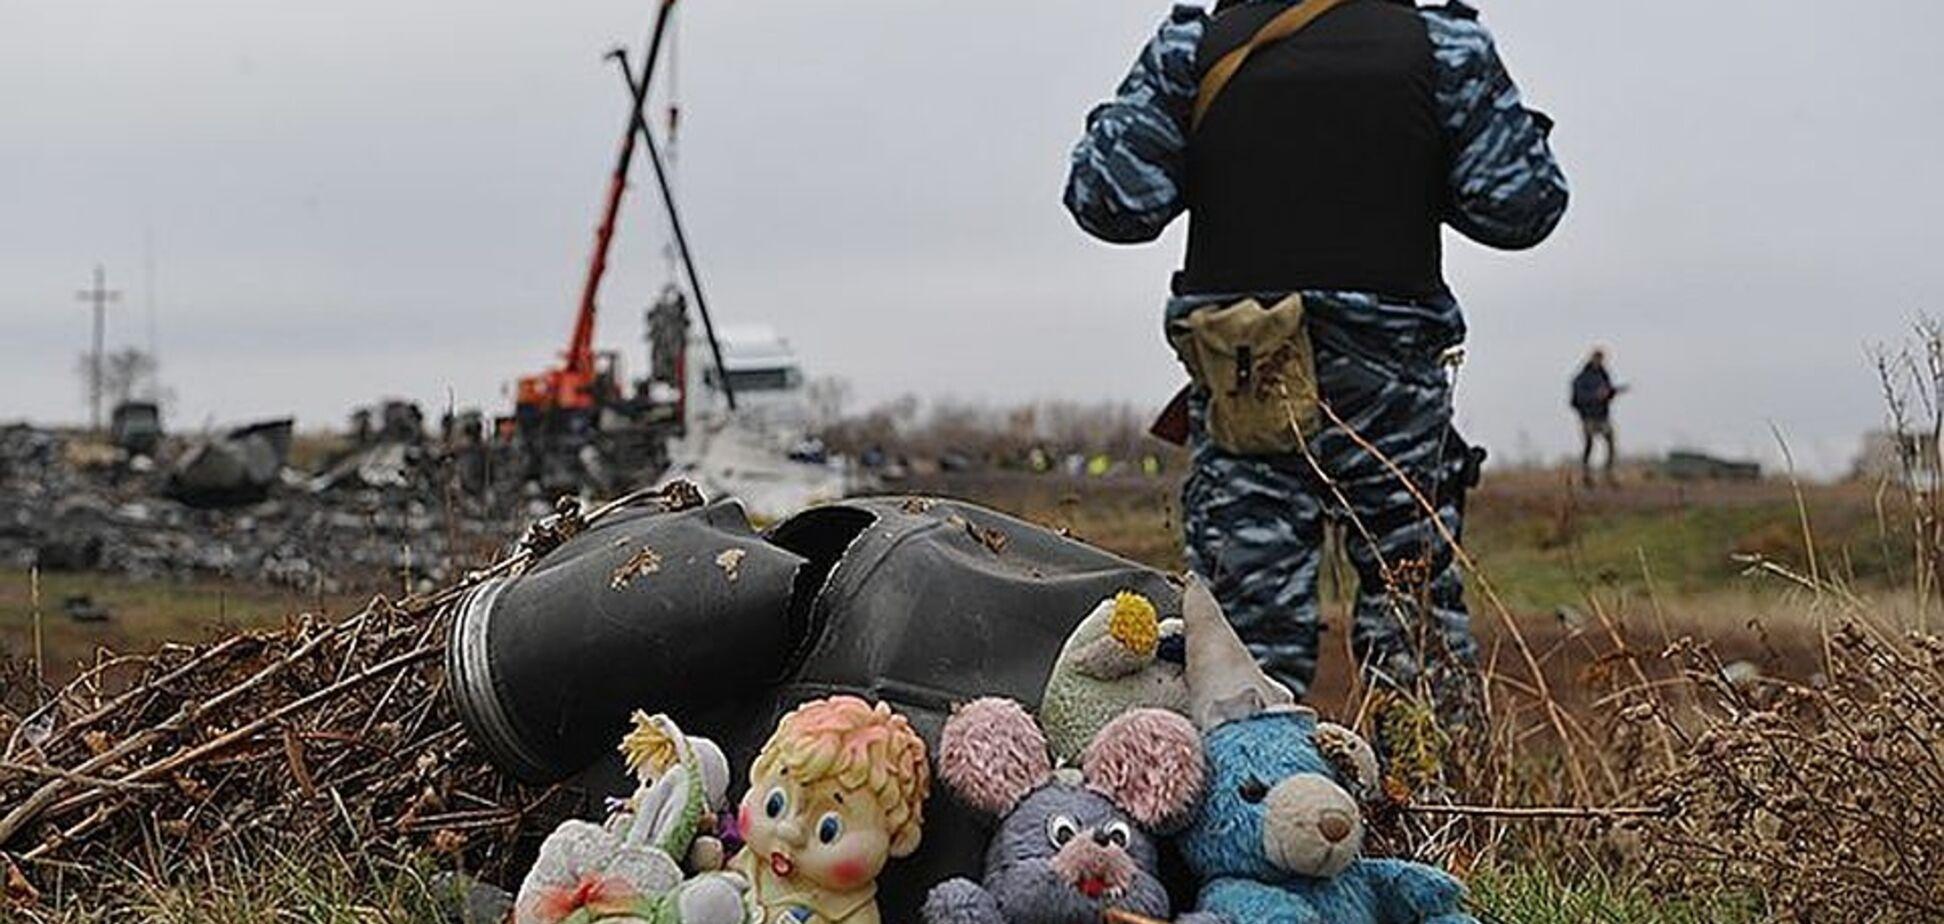 ''Сенсация'' РФ о крушении MH17: журналисты нашли странность в документах-''доказательствах'' против Украины